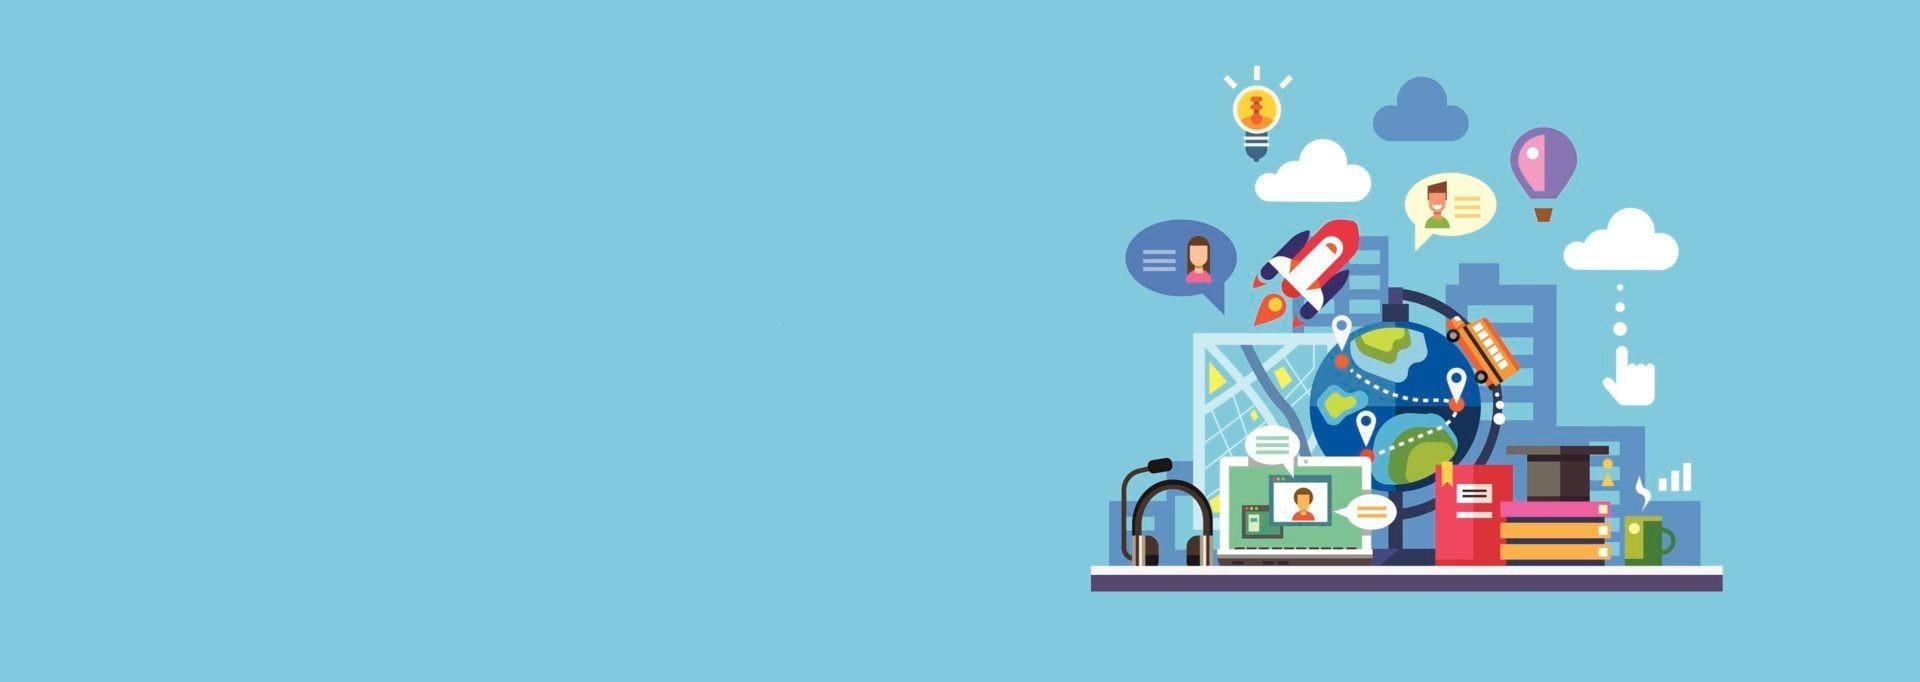 recurso-internet-creatividad-desarrollo-digital-social-media-startup-idea-mundo-BBVA